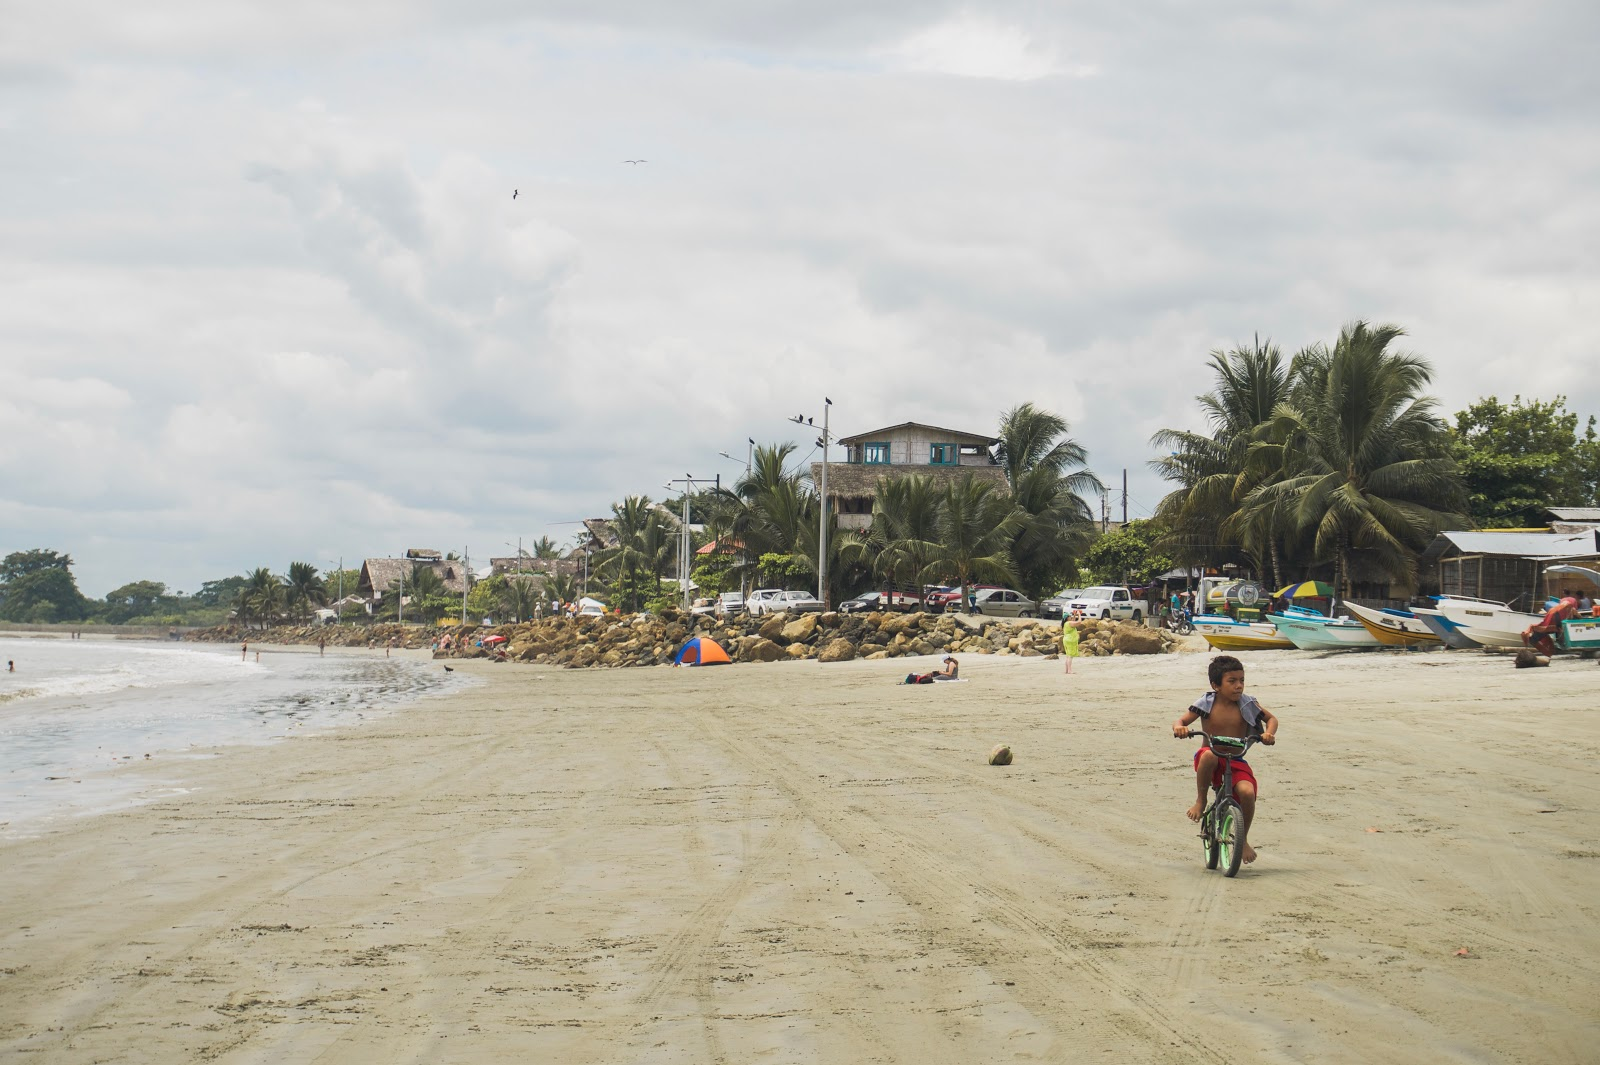 Mompiche - Ecuador's Hidden Beach Paradise | All Of The Gear